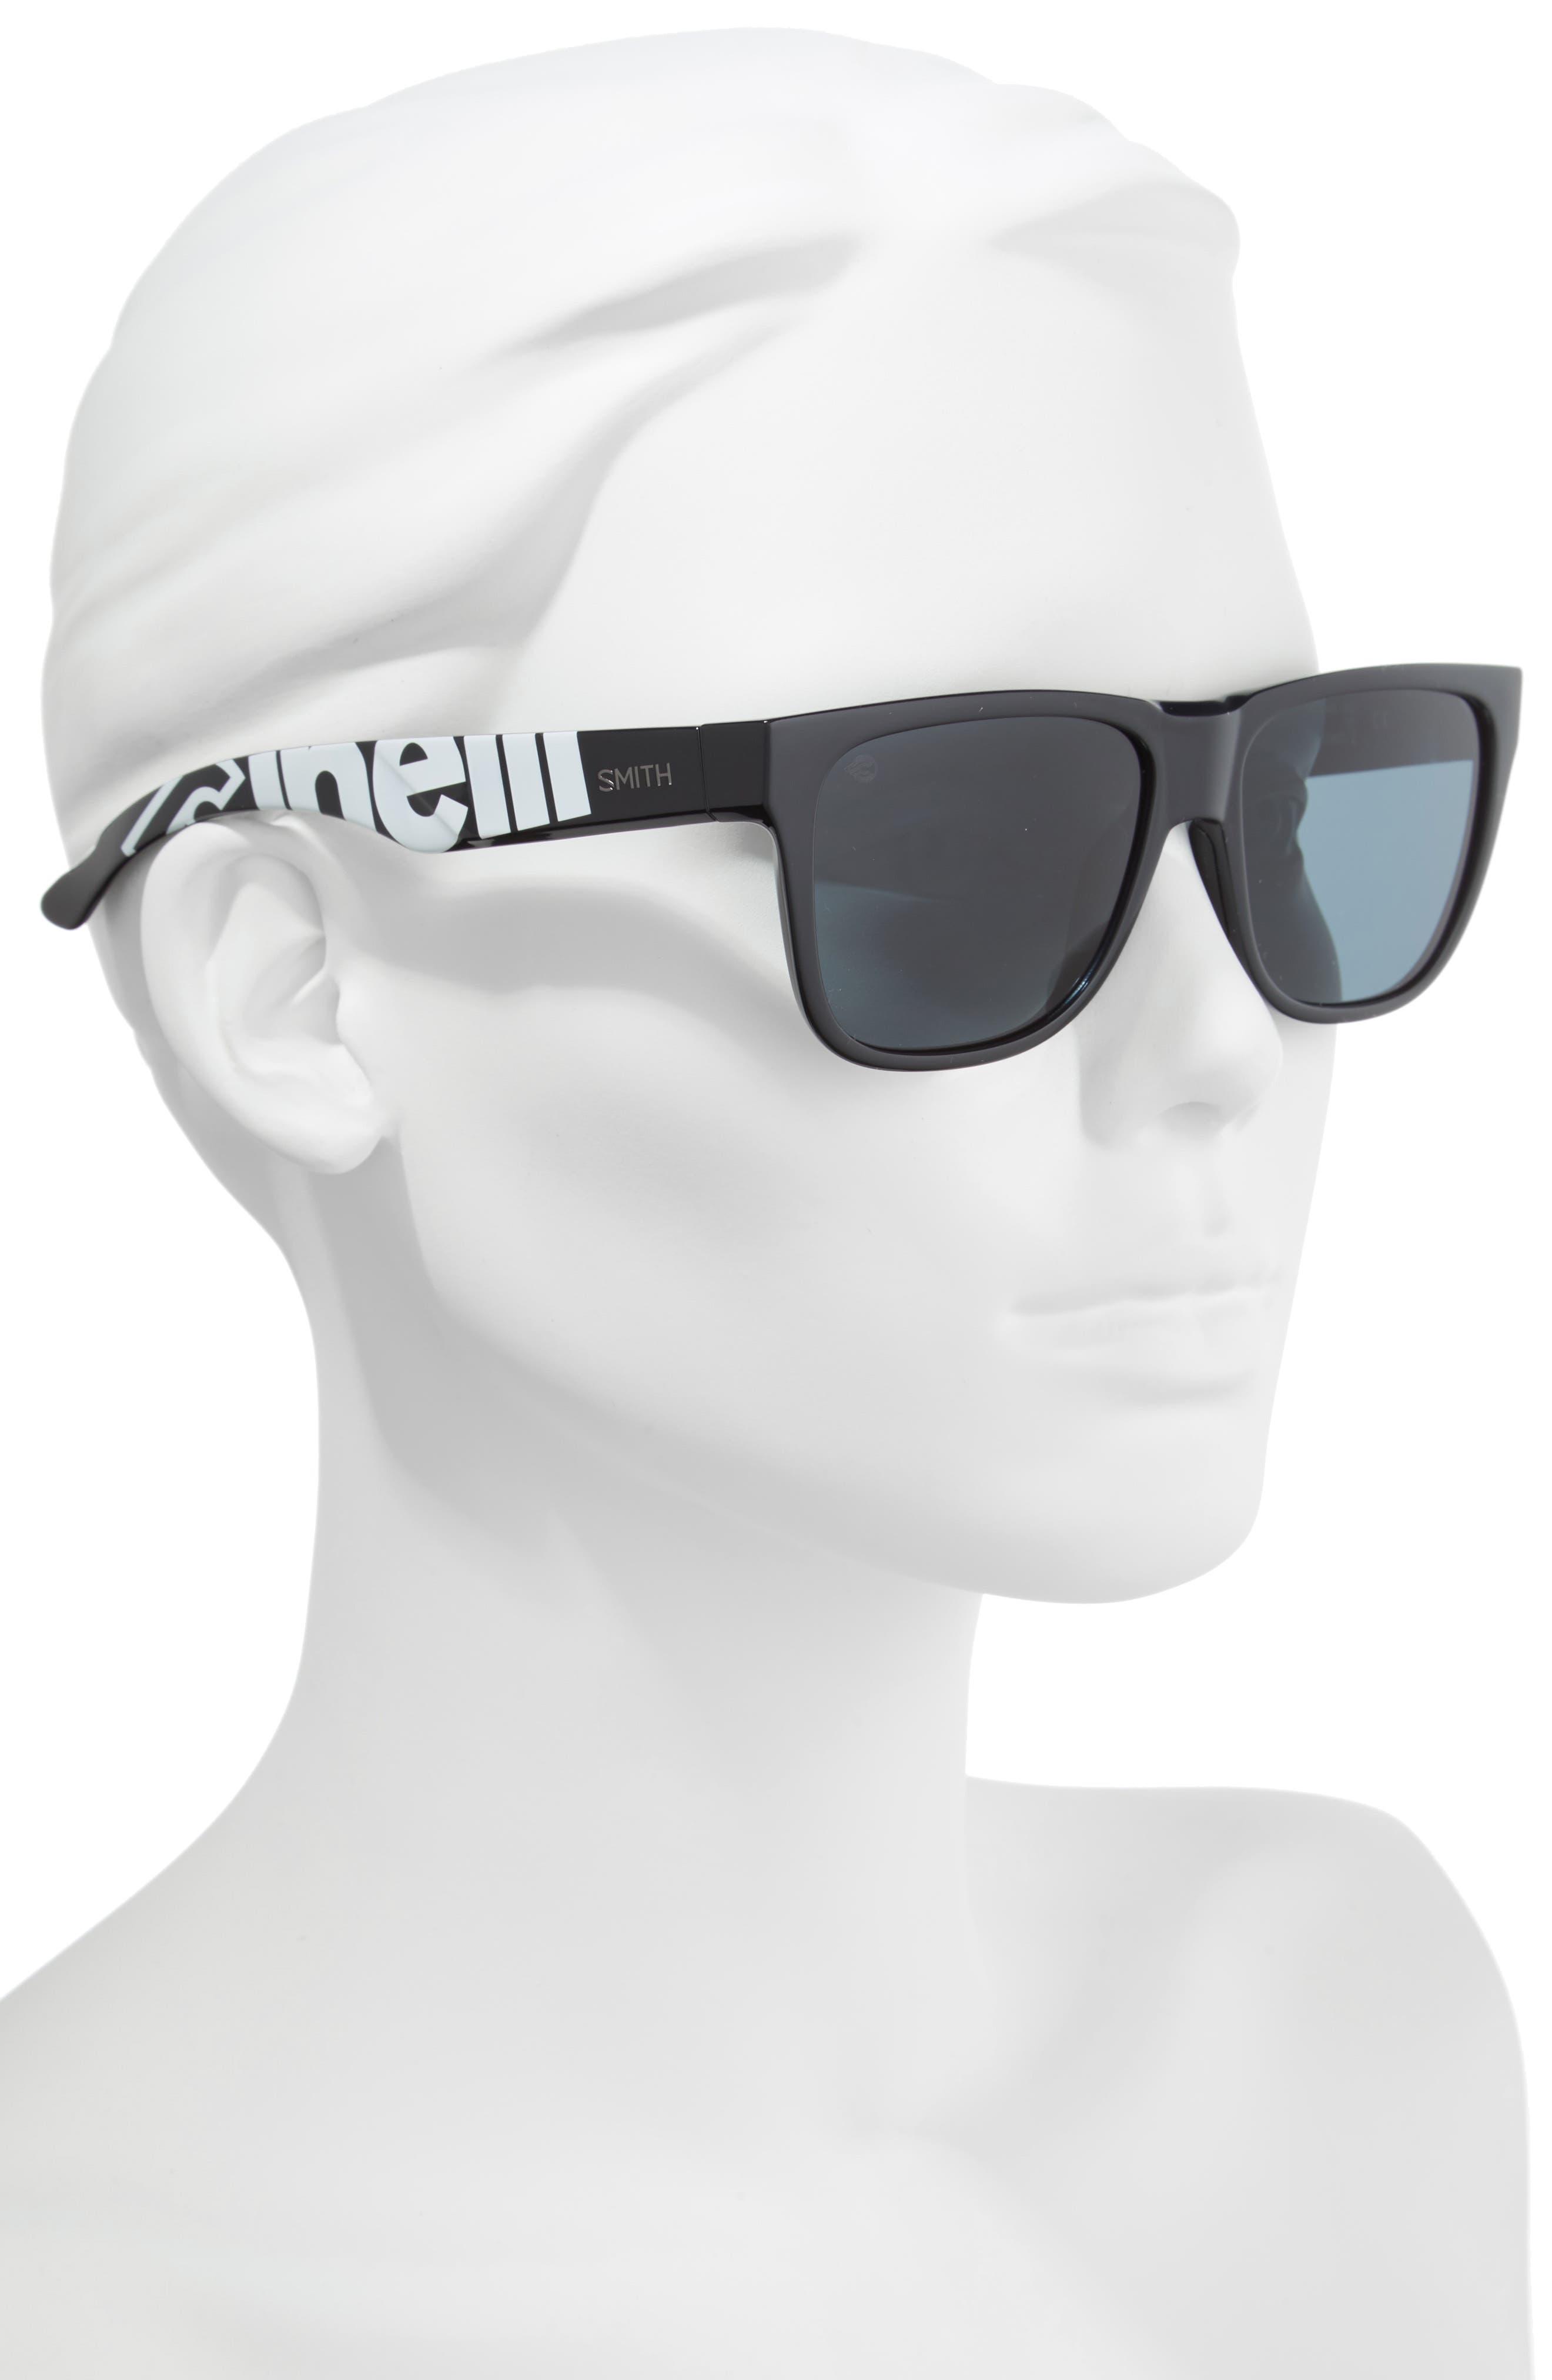 Lowdown 2 55mm ChromaPop<sup>™</sup> Square Sunglasses,                             Alternate thumbnail 2, color,                             CINELLI